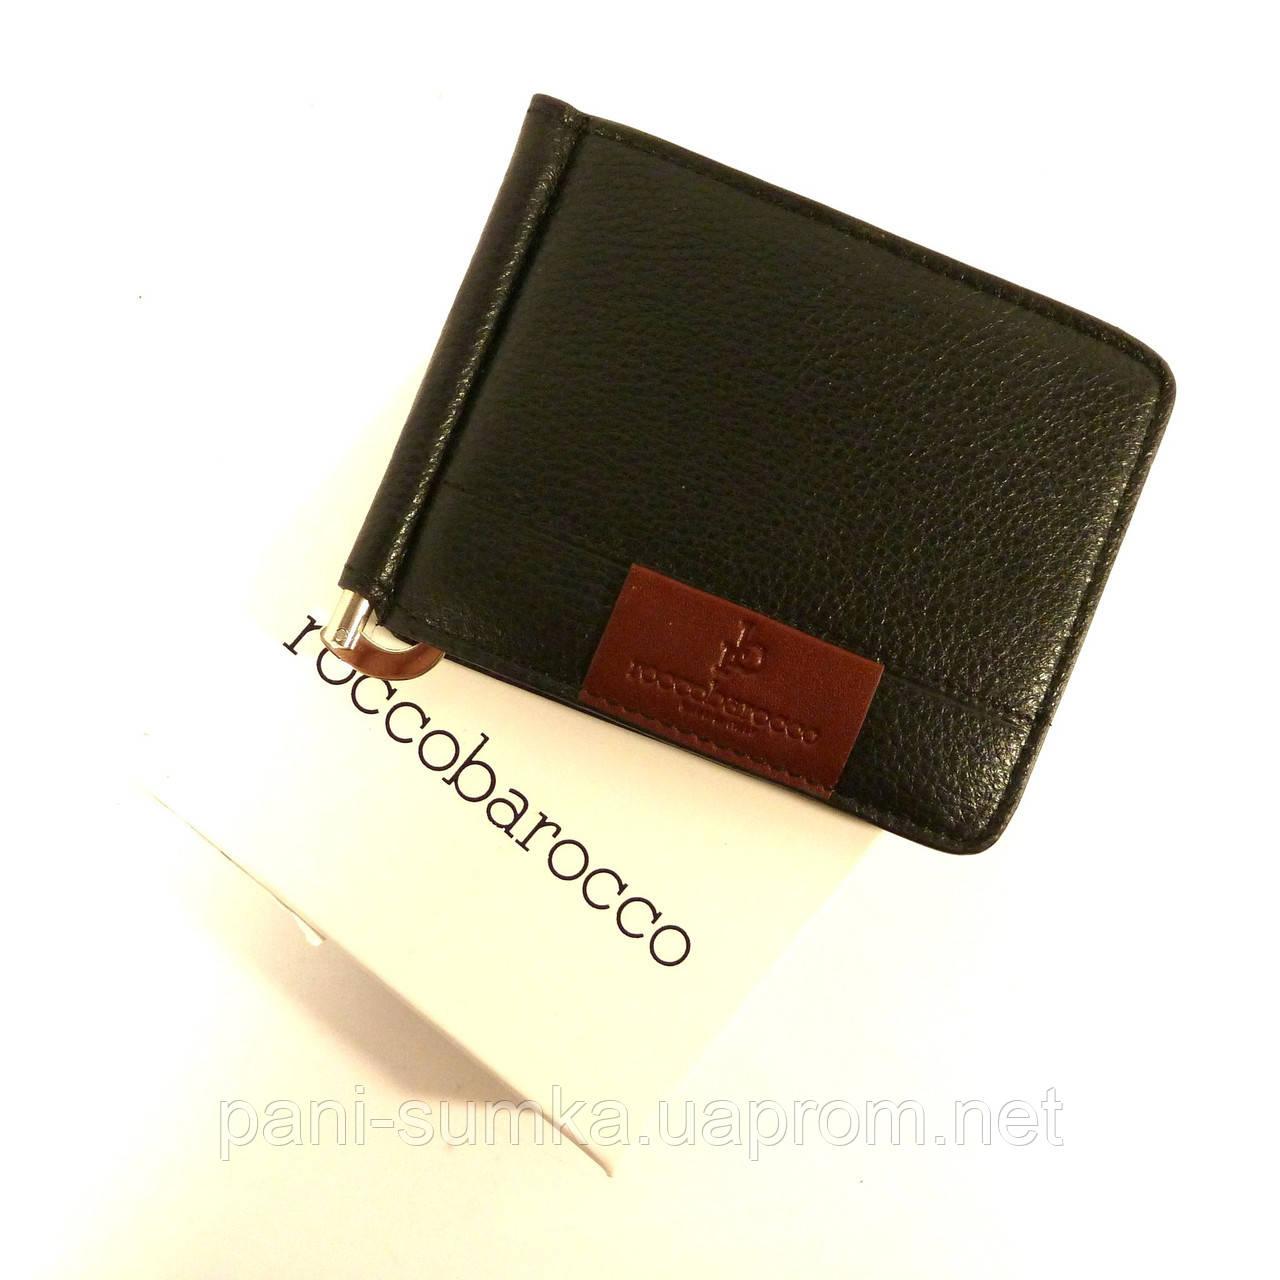 Купюрник-шкіряний затиск для грошей магнітний RoccoBarocco 5184, відділення на блискавці